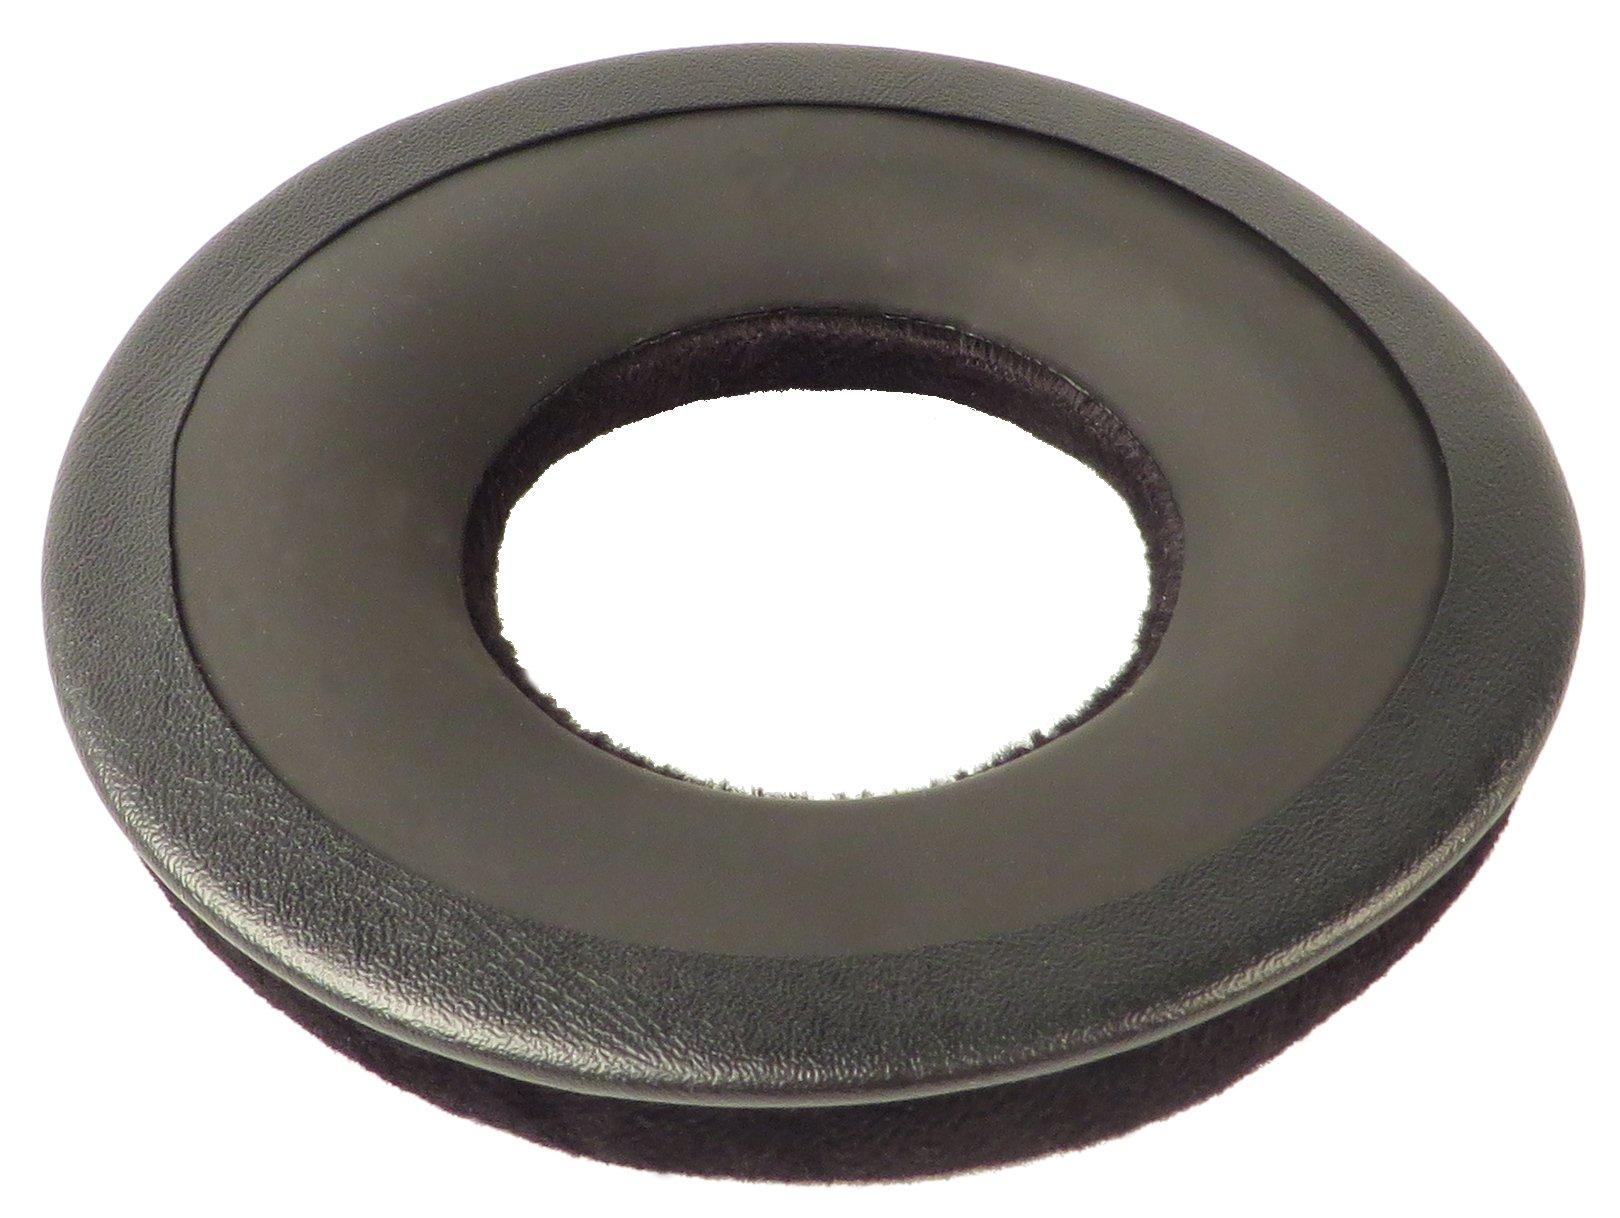 Velour Earpad for K240 MKII (SINGLE)